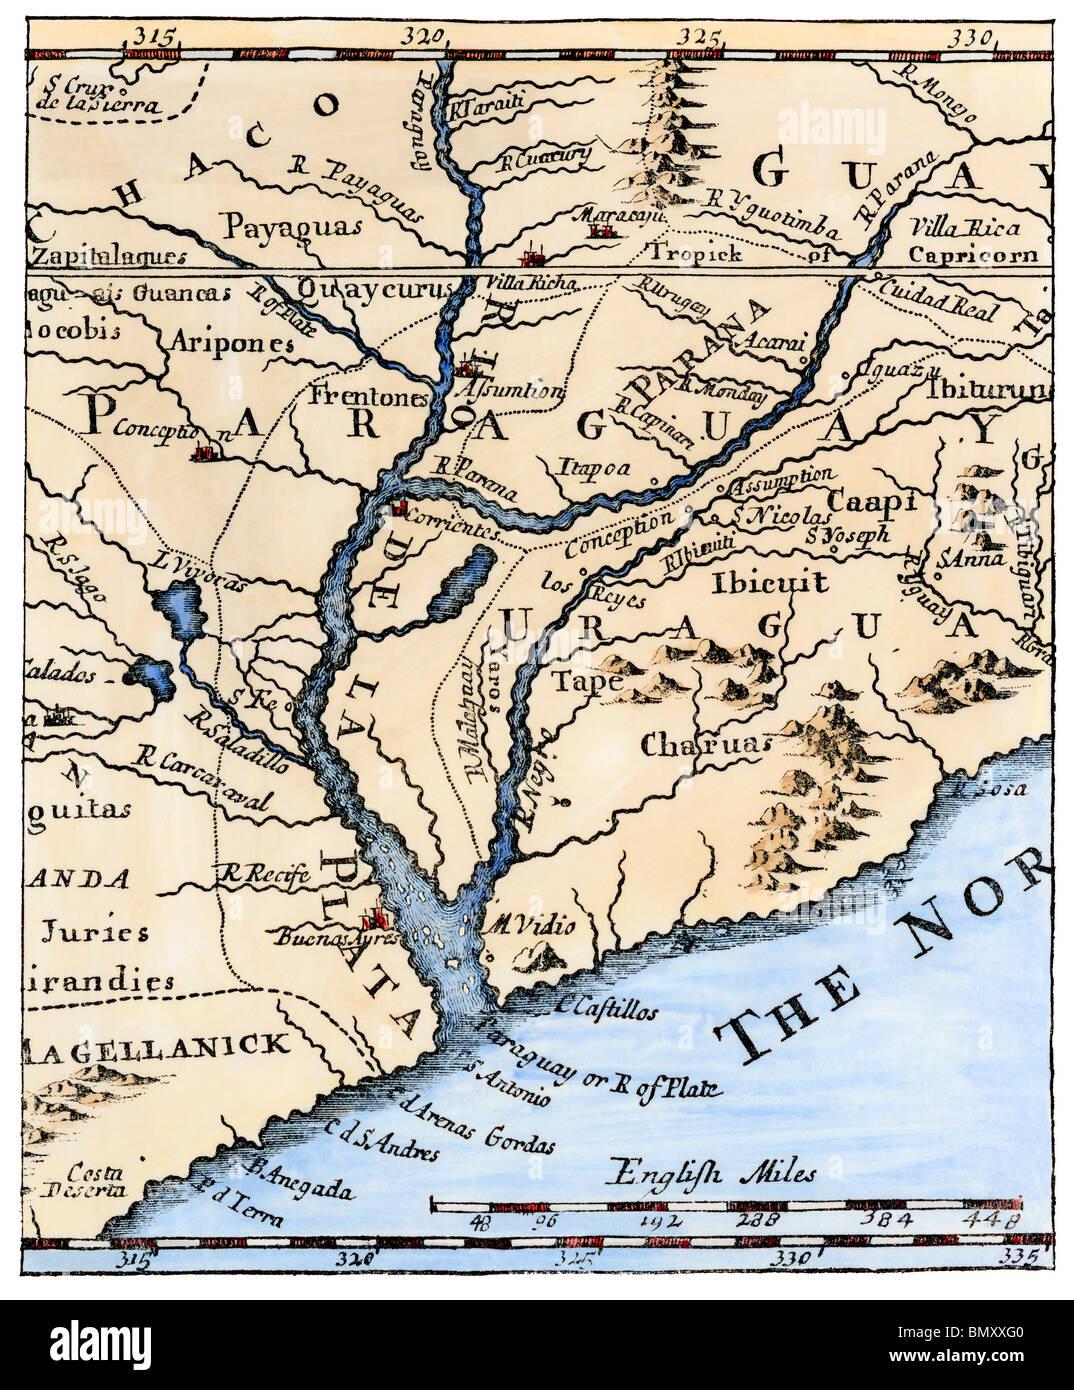 south america map rio de la plata Mouth Of The Rio De La Plata In South America In A Map Of 1698